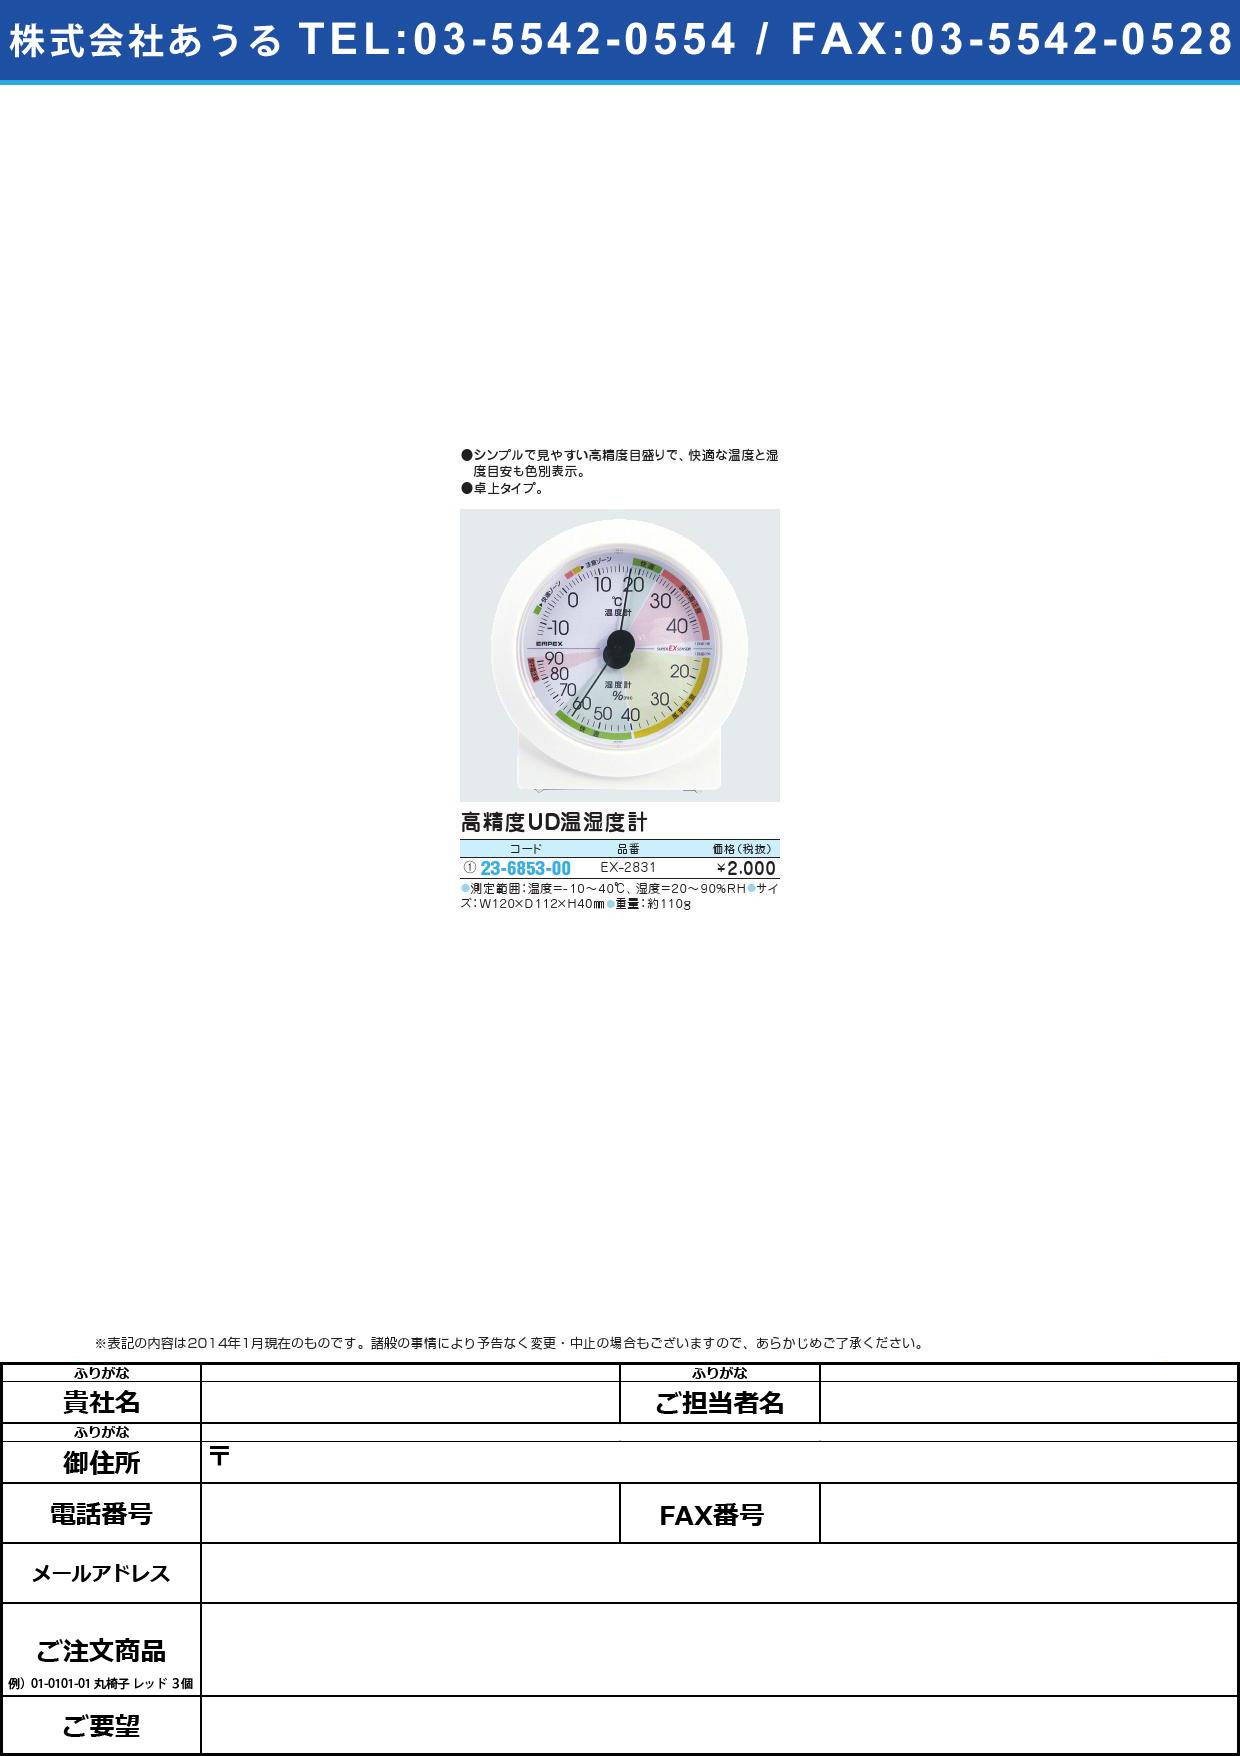 エンペックス 高精度UD温湿度計 コウセイドUDオンシツドケイ EX-2831【1台単位】(23-6853-00)